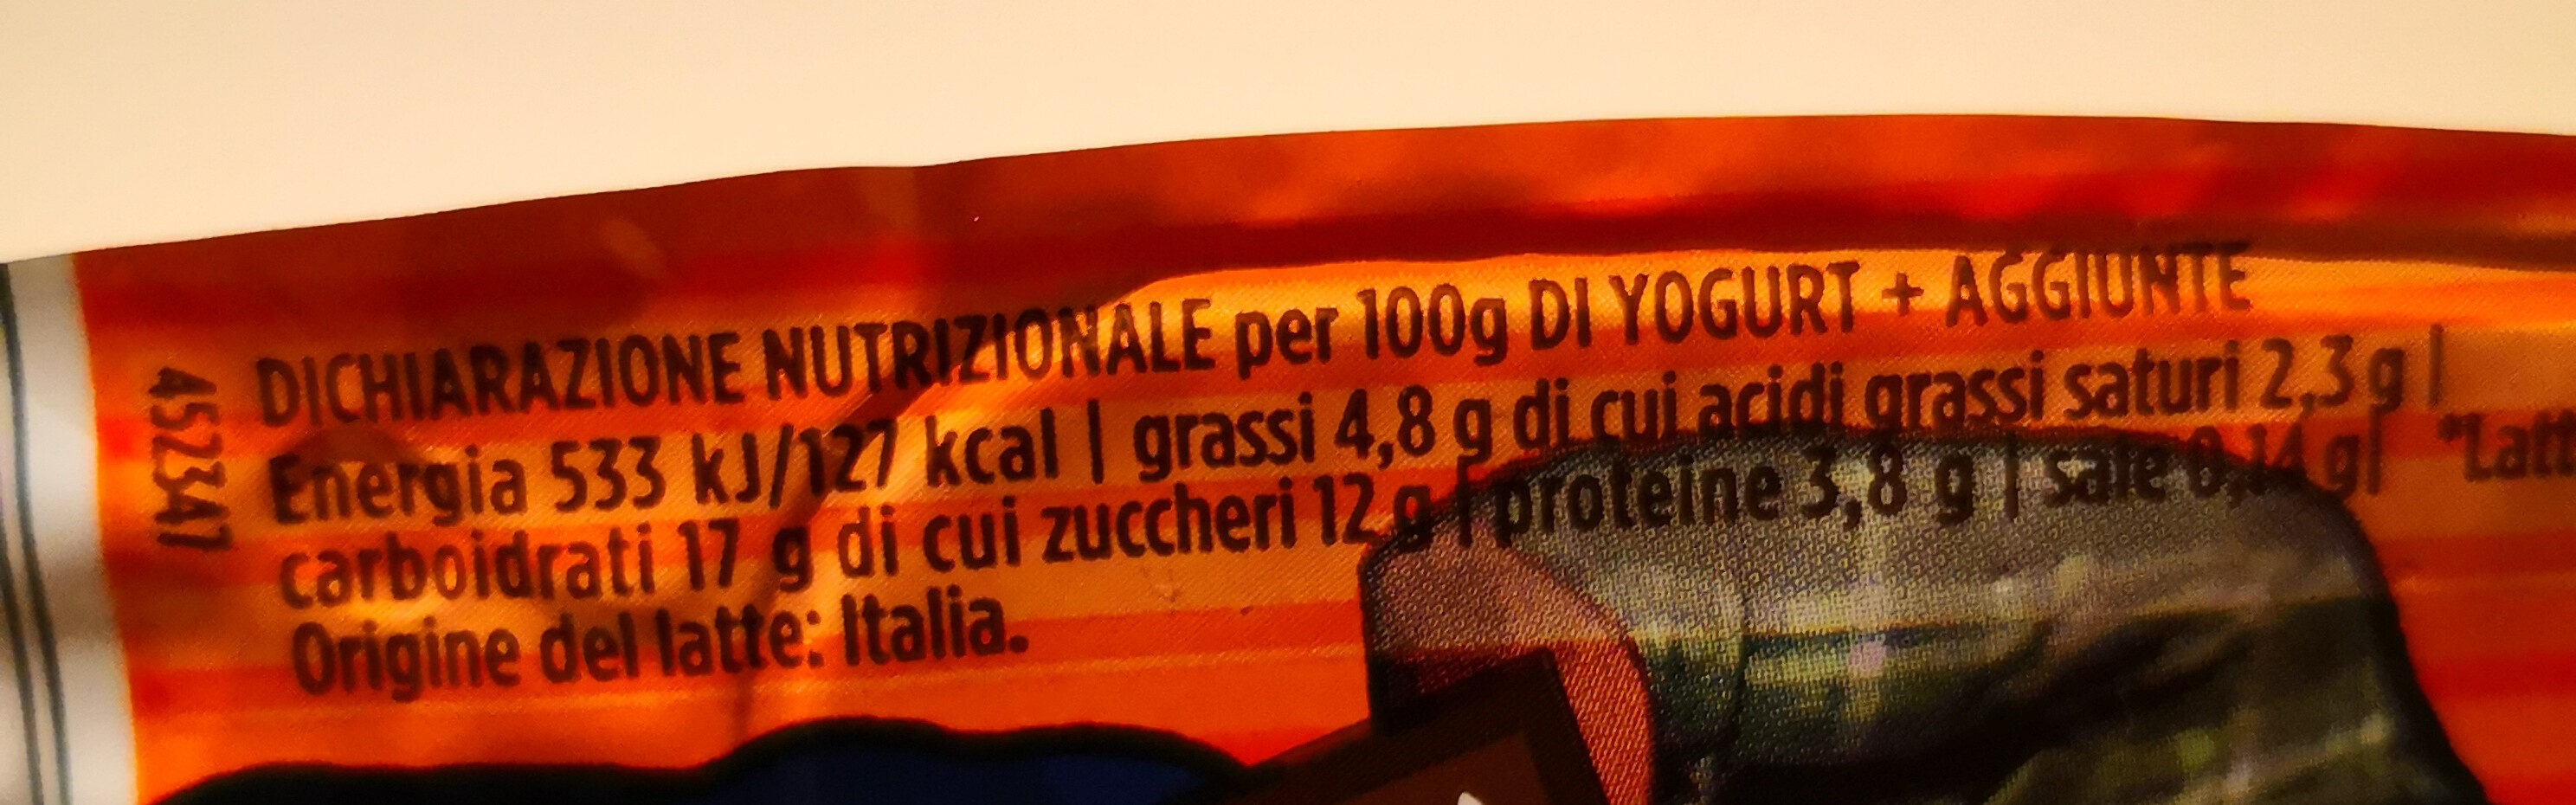 Yogurt Fior di latte e Cereali con biscotti al cioccolato - Gusto + Gusto - Nutrition facts